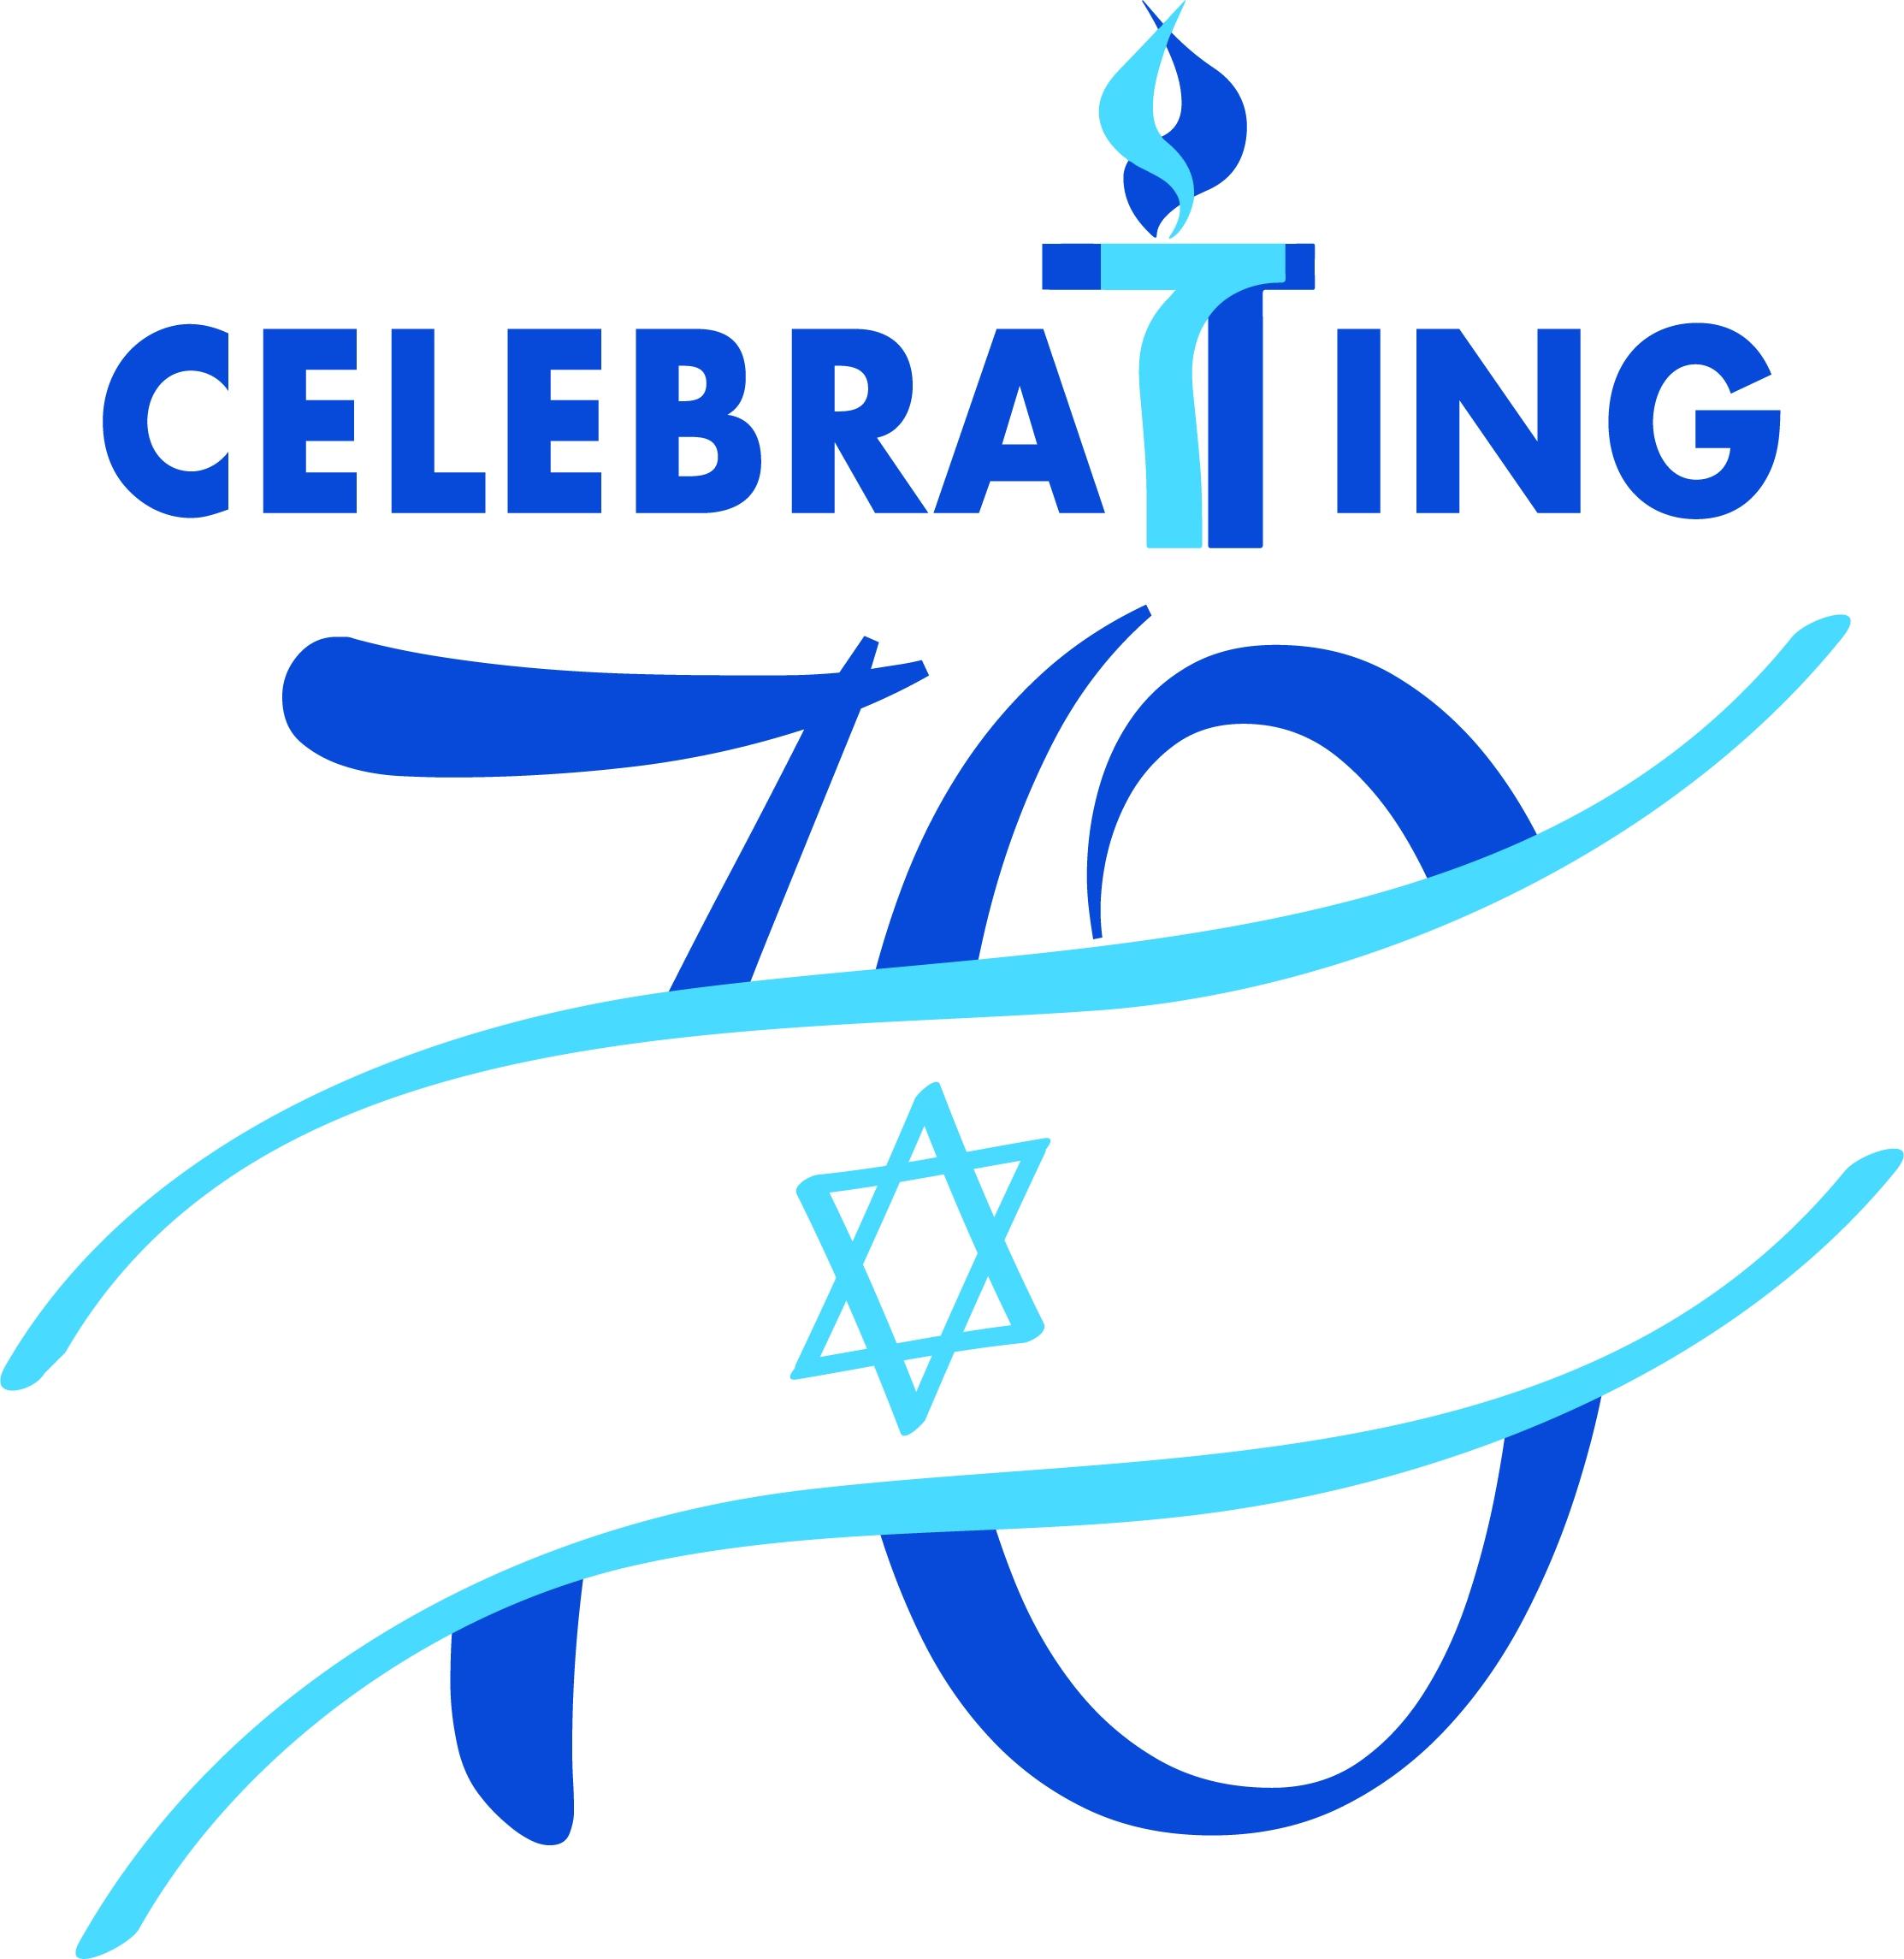 Delegazione di EDIPI per festeggiare il 70° Anniversario di Israele